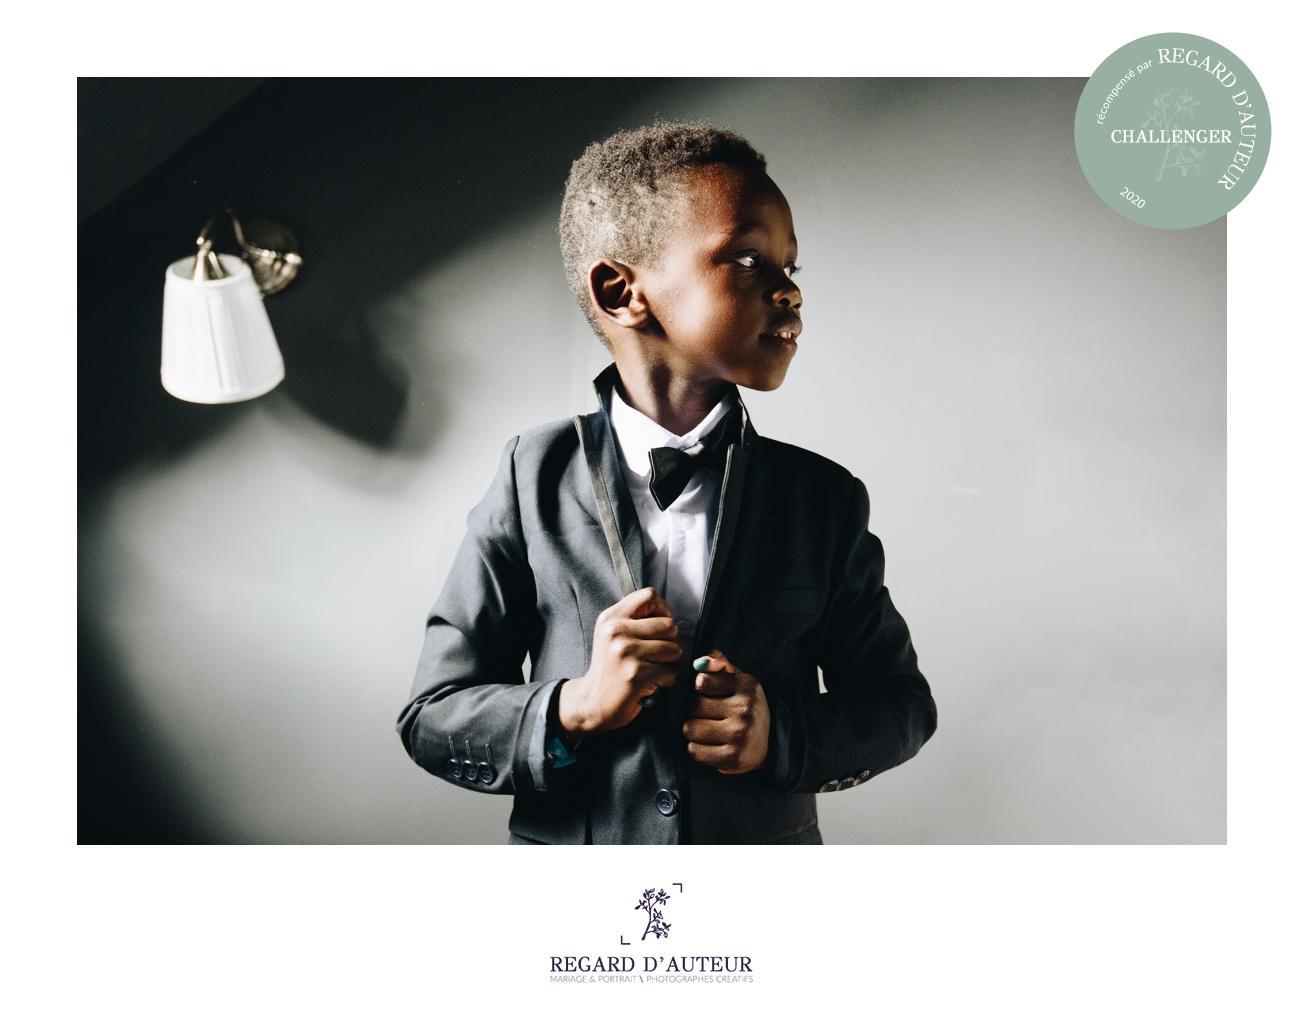 un jeune garçon s'habille pour célébrer le mariage de ses parents